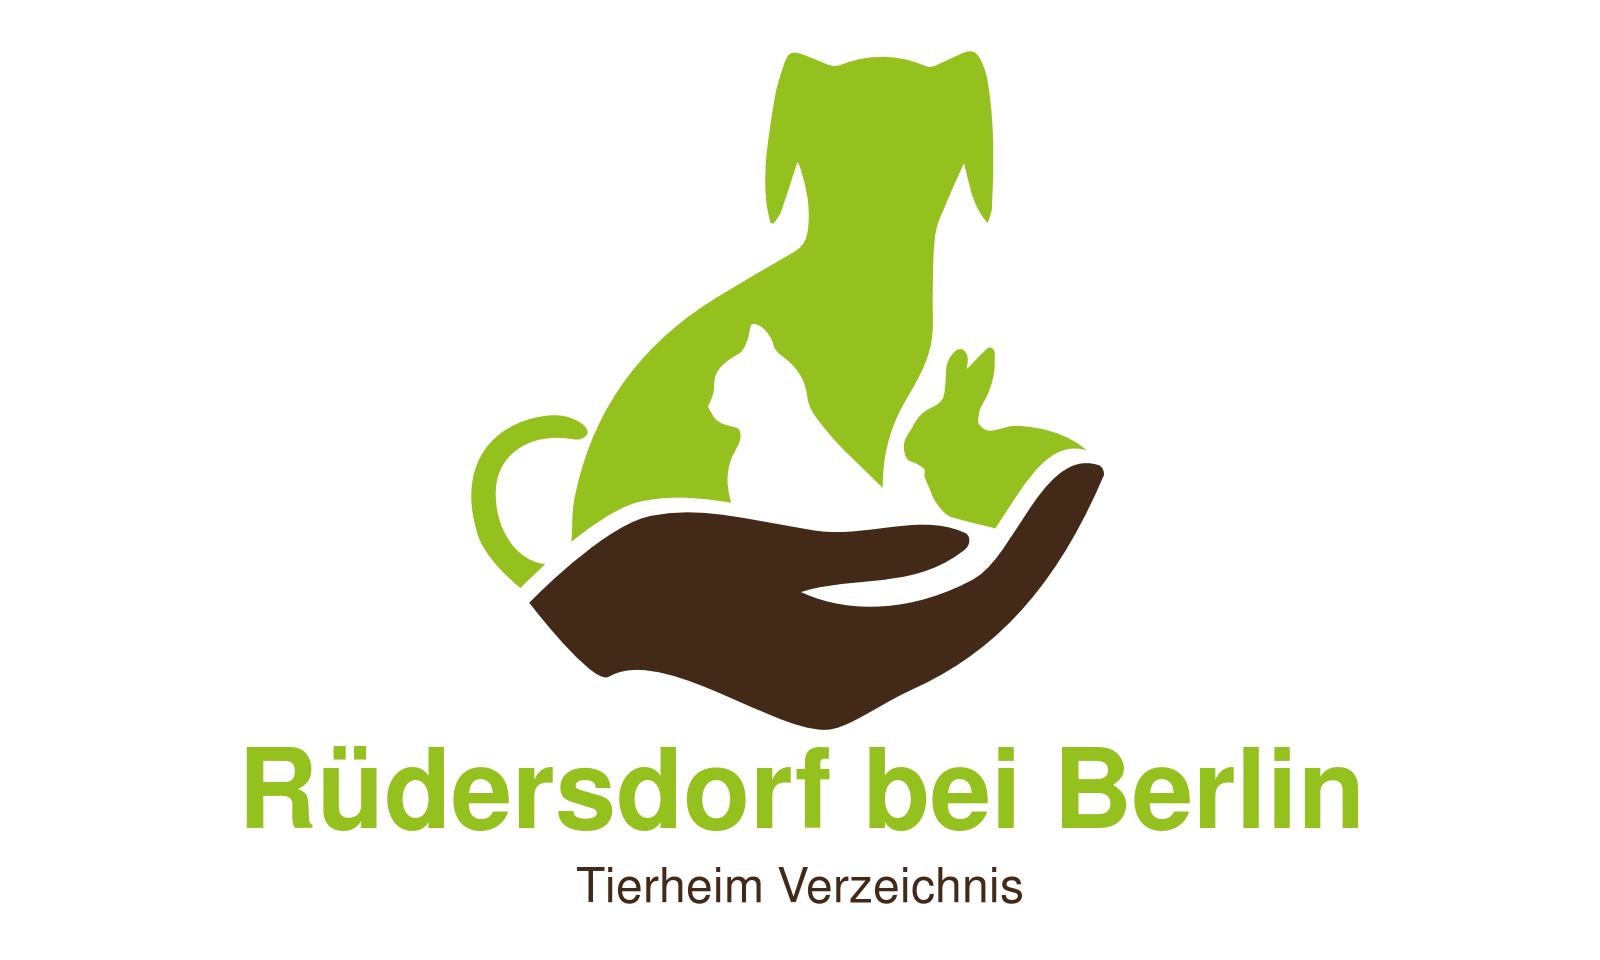 Tierheim Rüdersdorf bei Berlin